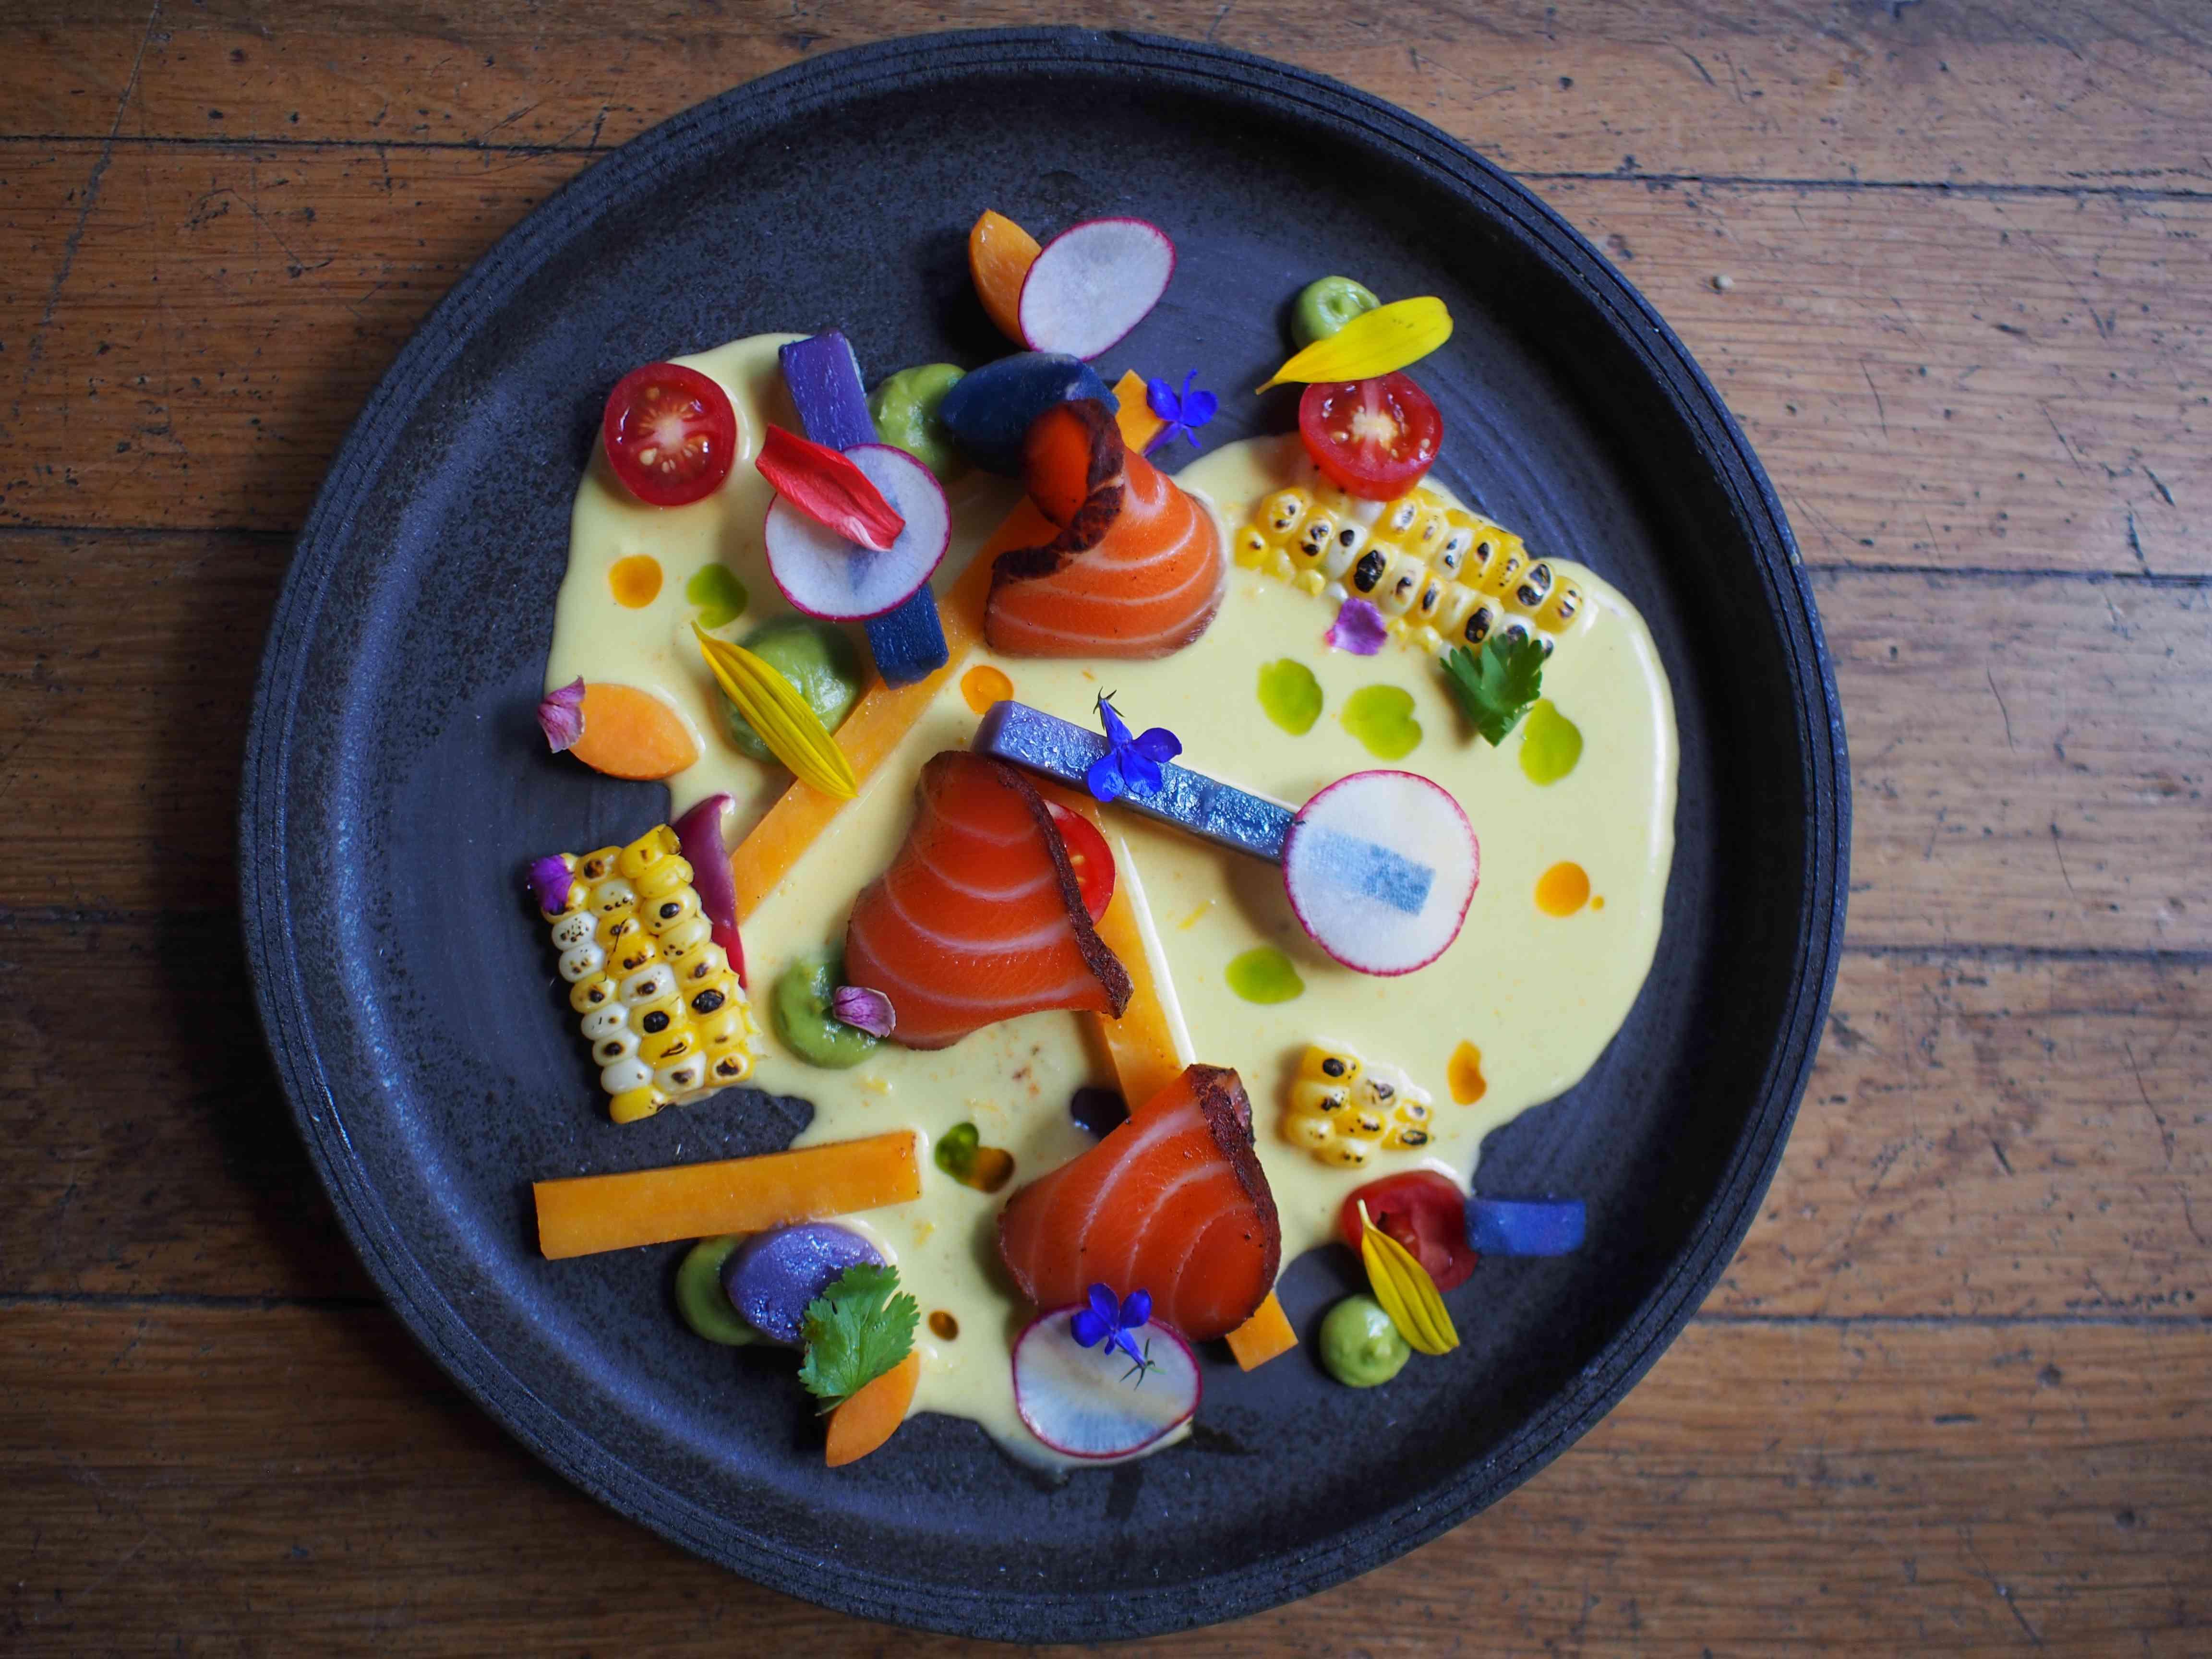 Dispuso artísticamente el sashimi de salmón en un plato circular negro con maíz carbonizado, palitos de zanahoria, tomates cherry, papas moradas y rábano en rodajas finas con una salsa cremosa